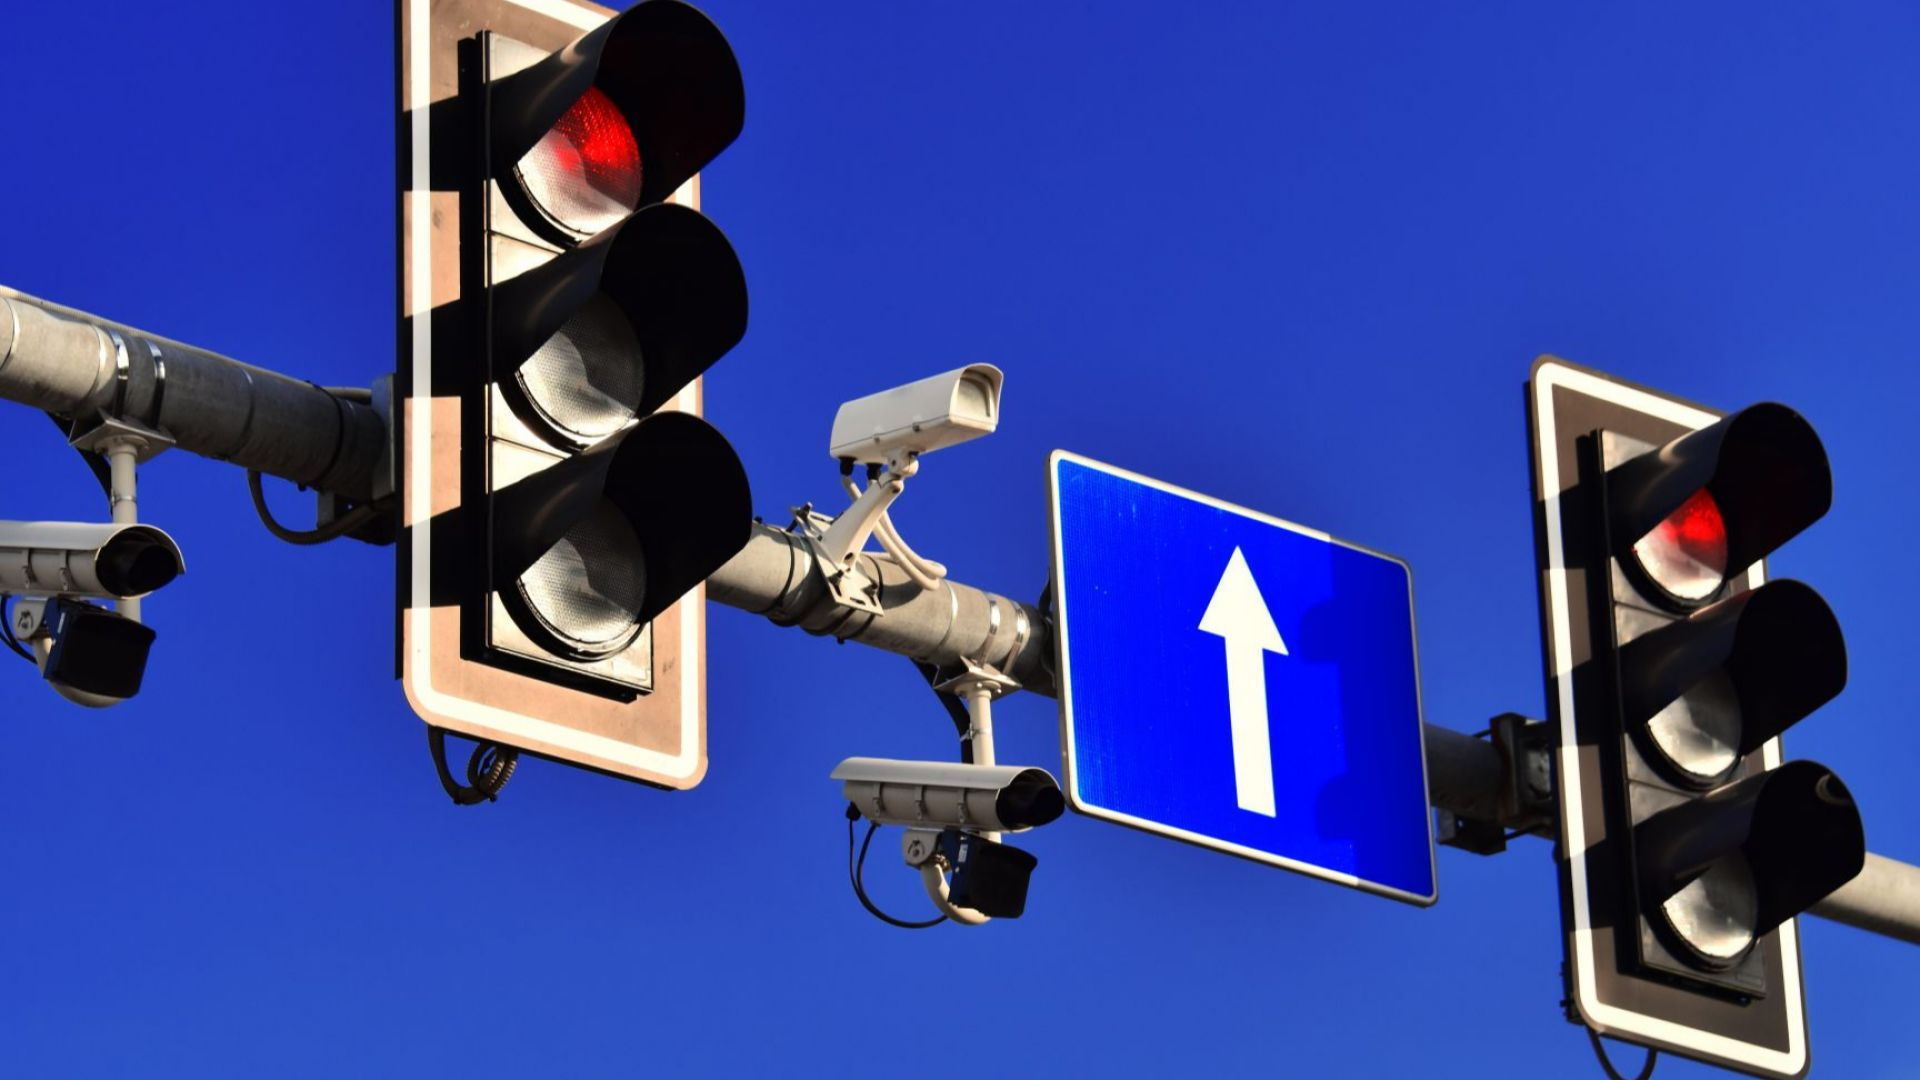 Общо 282 камери за видеонаблюдение следят за трафика и сигурността